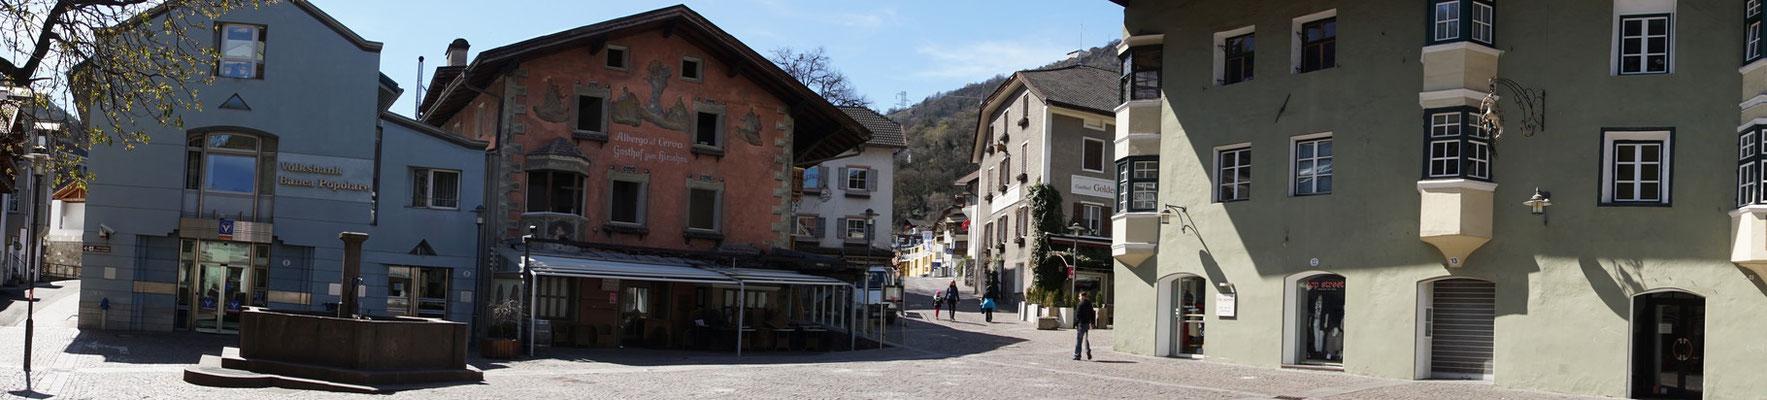 Klausen - ein Städtchen vor Brixen - recht hübsch mit Dorfplatz...